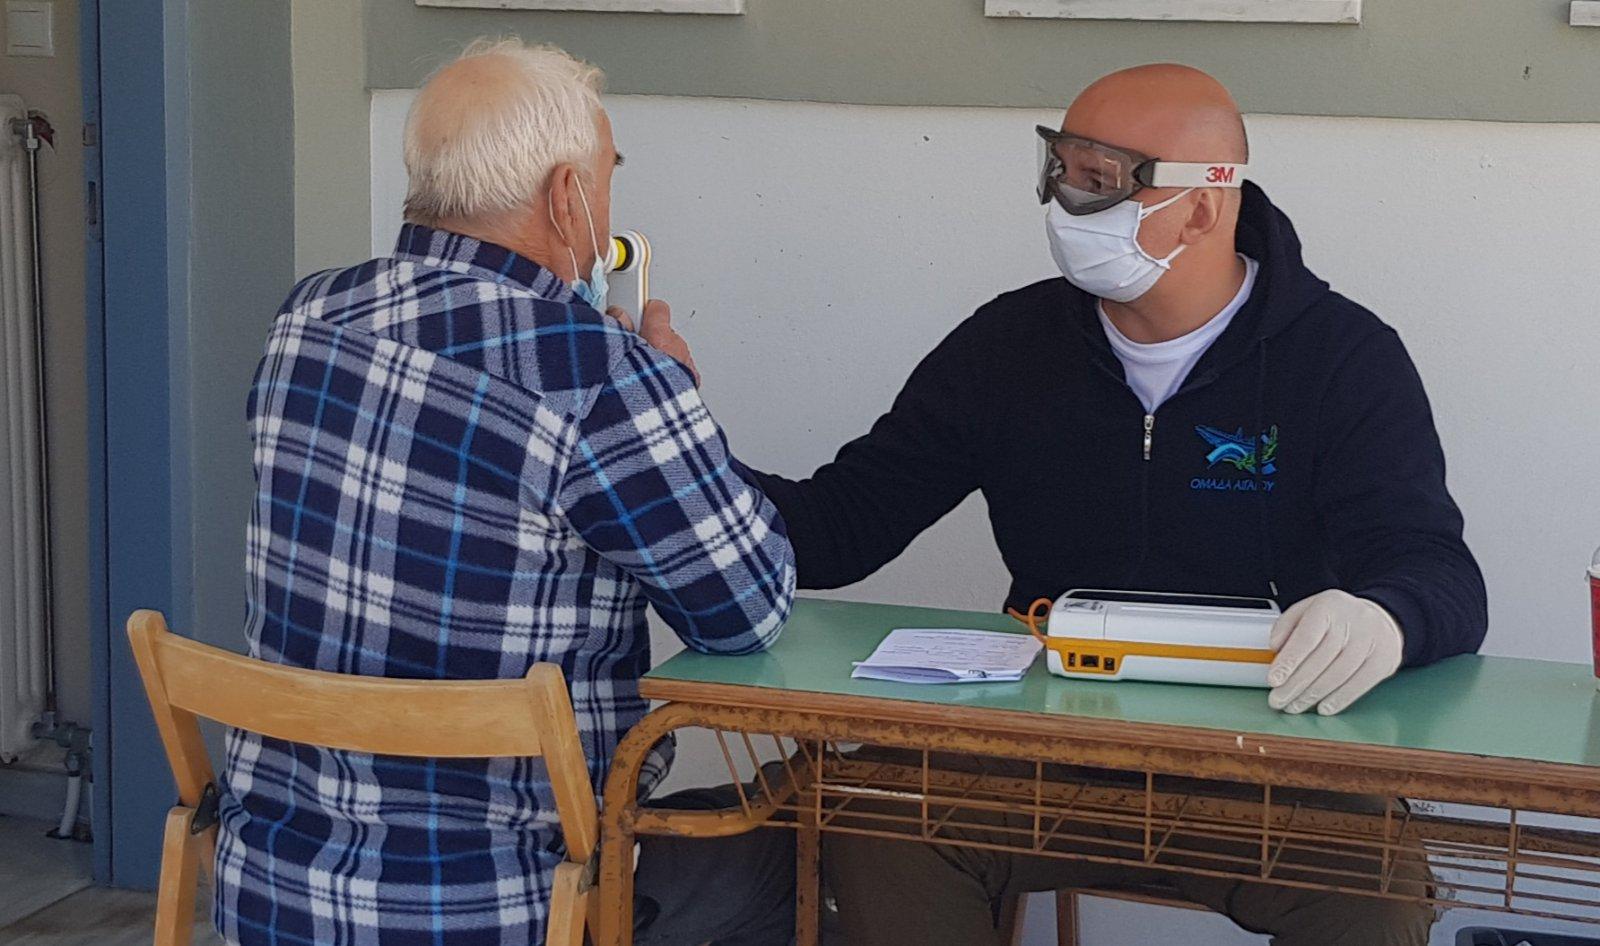 Η Ελληνική Πνευμονολογική Εταιρεία στον 27ο Διάπλου της Ομάδας Αιγαίου